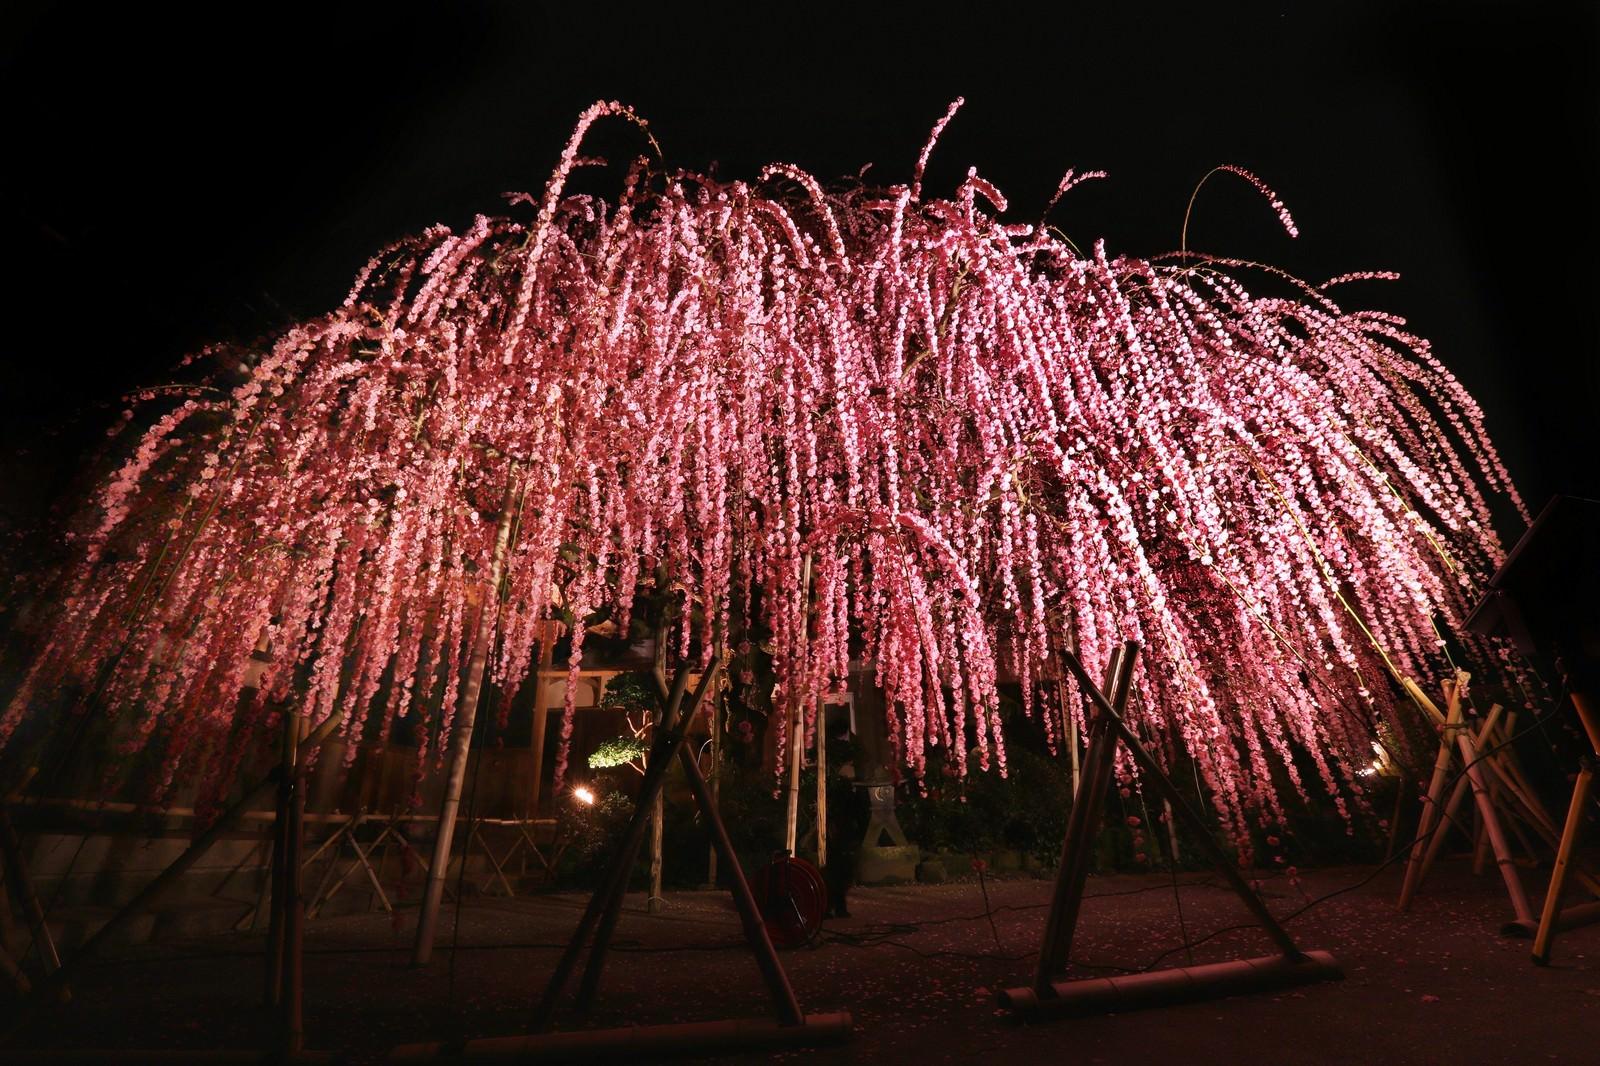 「ライトアップされた枝垂れ梅」の写真